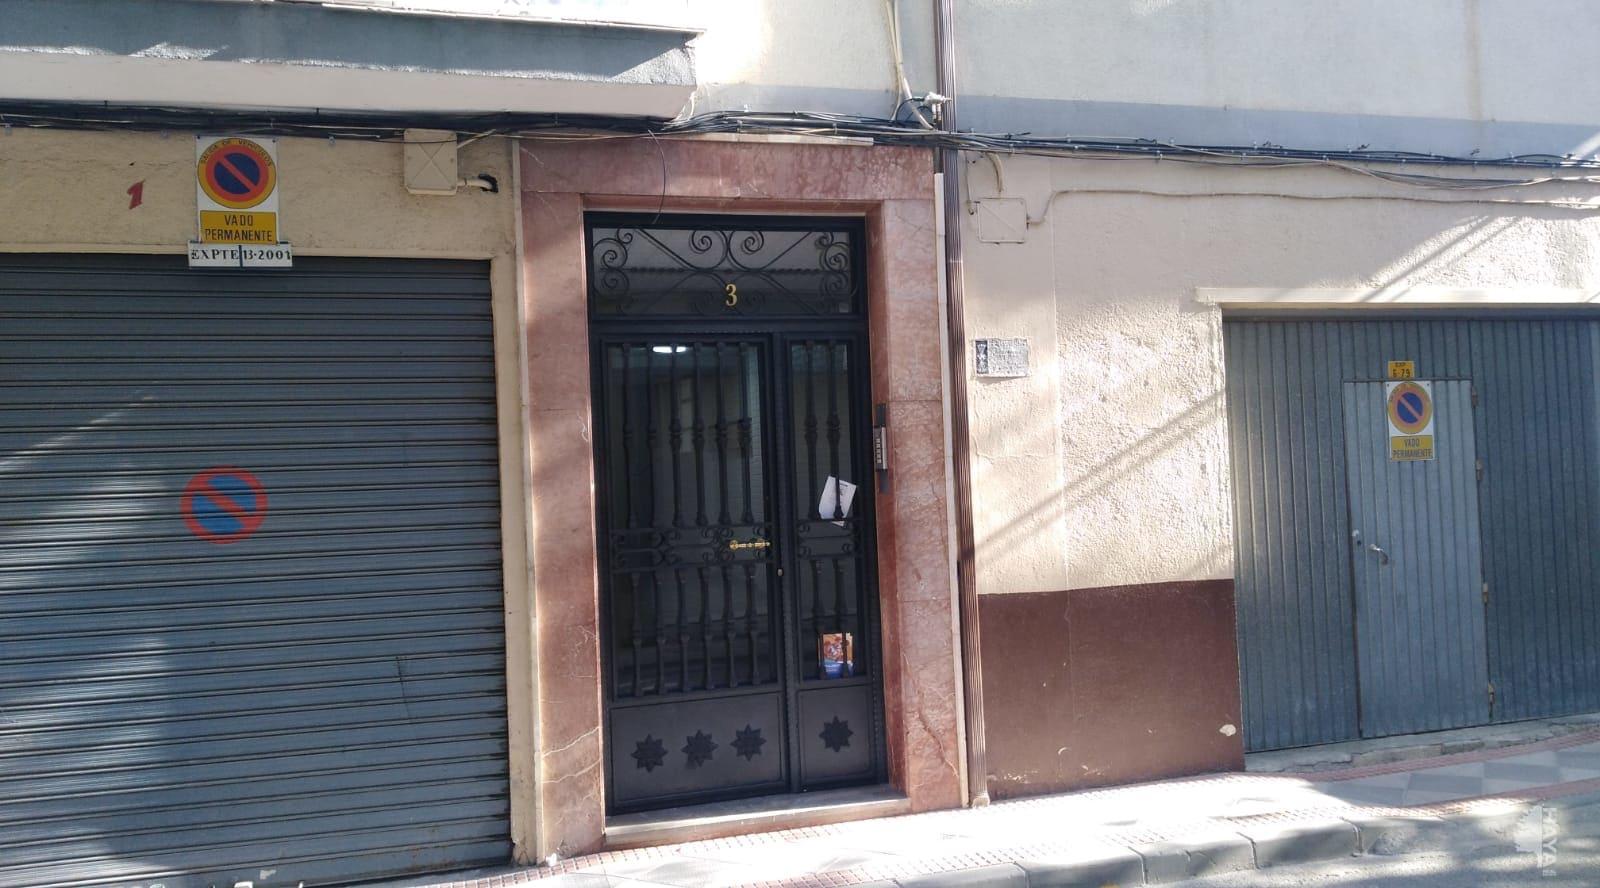 Piso en venta en Norte, Atarfe, Granada, Calle San Antonio, 46.620 €, 3 habitaciones, 1 baño, 73 m2